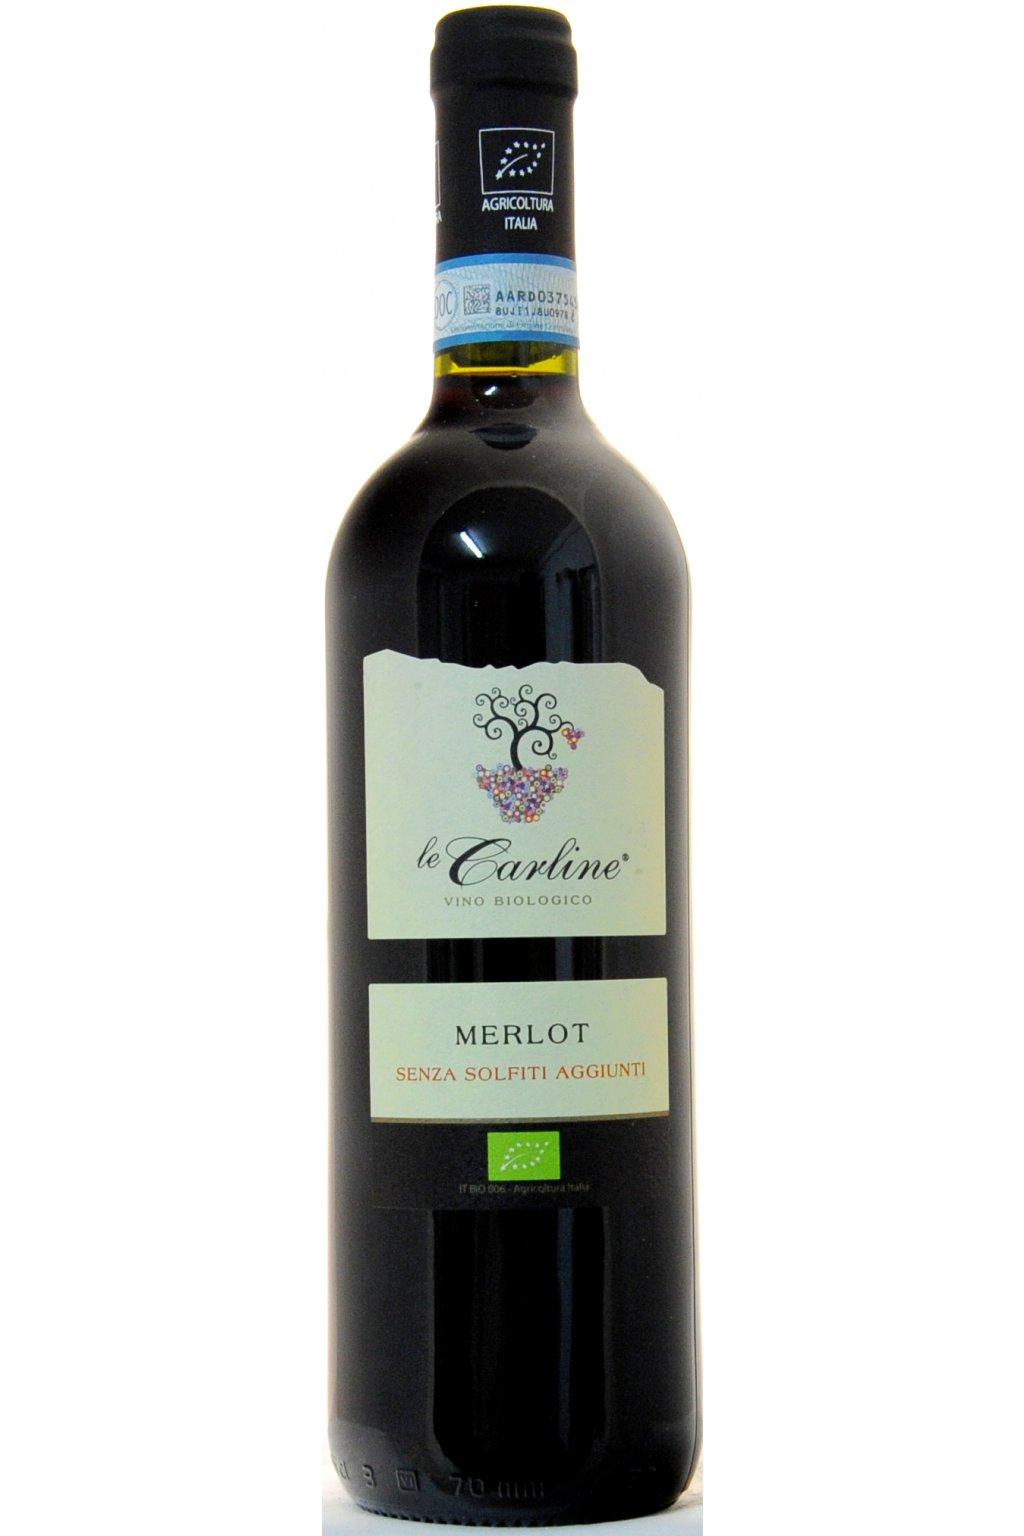 Le Carline Merlot NO SULPHITES DOC Lison Pramaggiore 2014 F